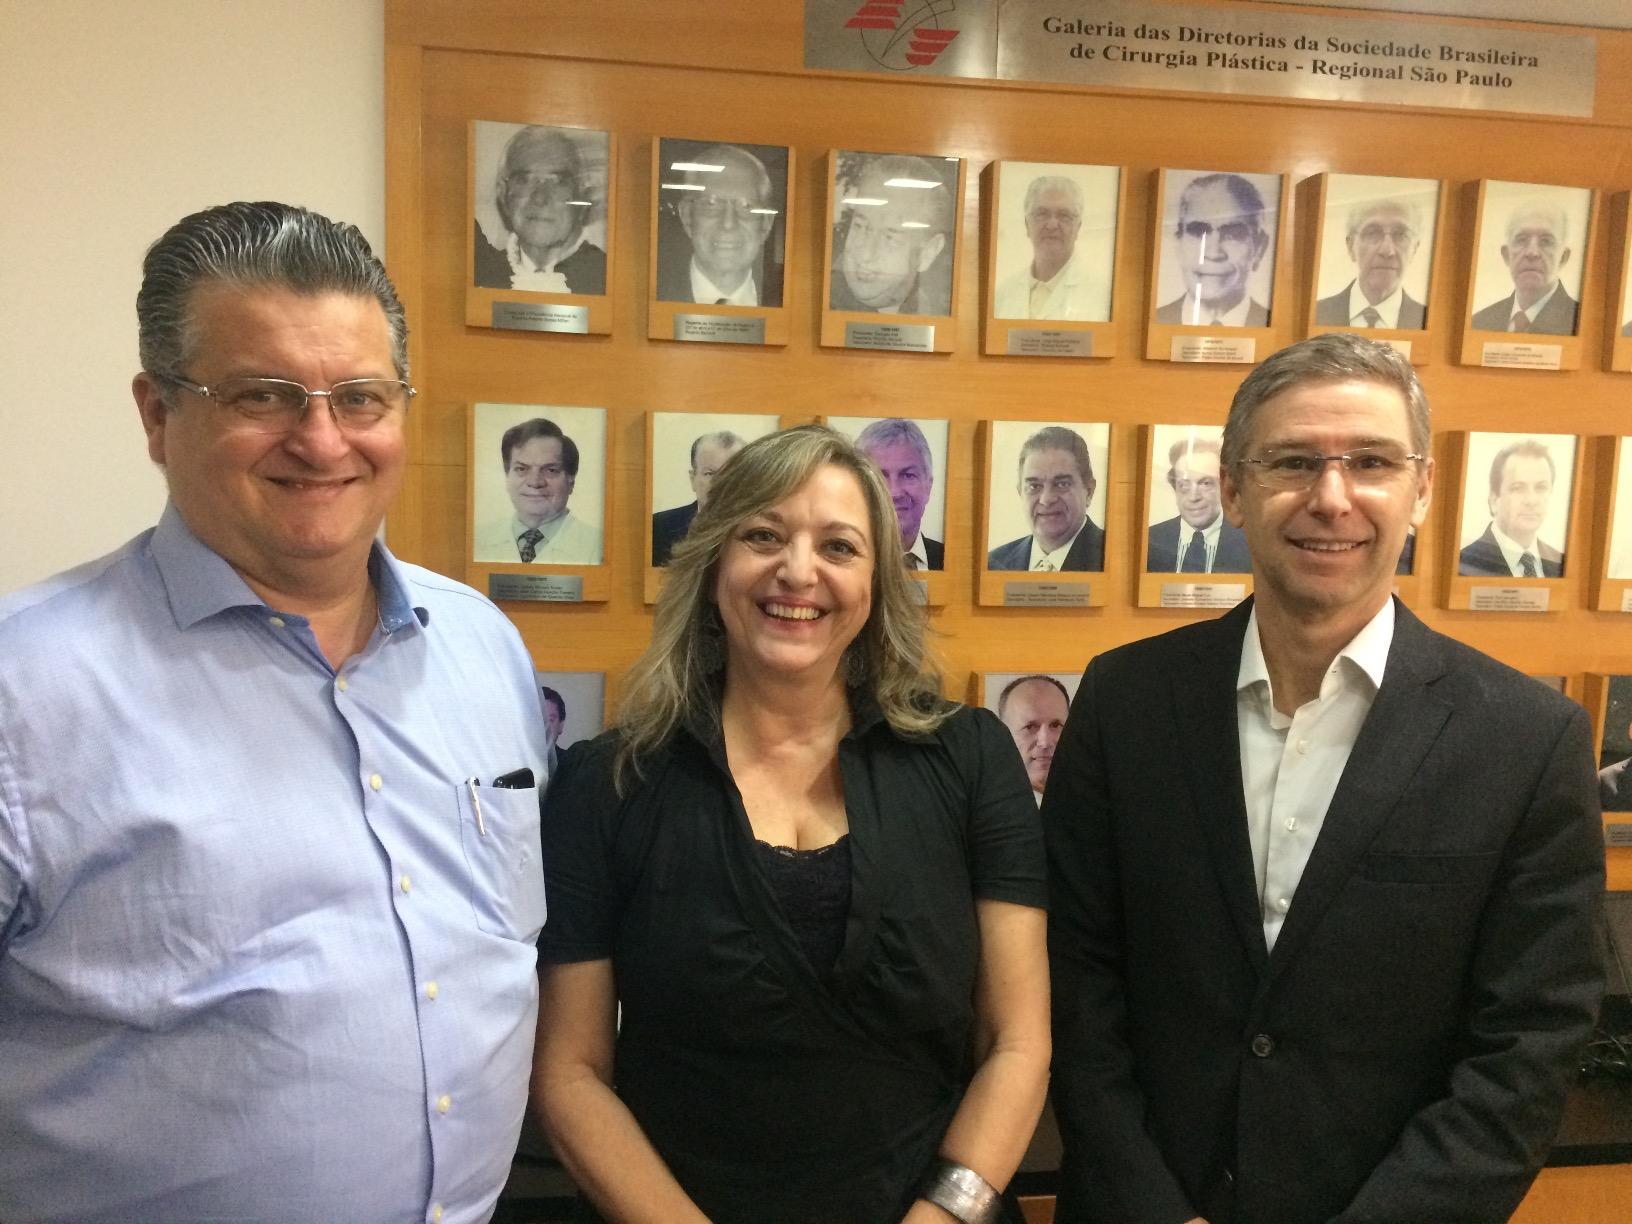 Reunião com a advogada Ednéa Zibellini, o presidente Dr. Elvio Bueno Garcia e o membro da comissão de apoio jurídico da SBCP-SP, Dr. José Octávio Gonçalves de Freitas sobre conciliação judicial